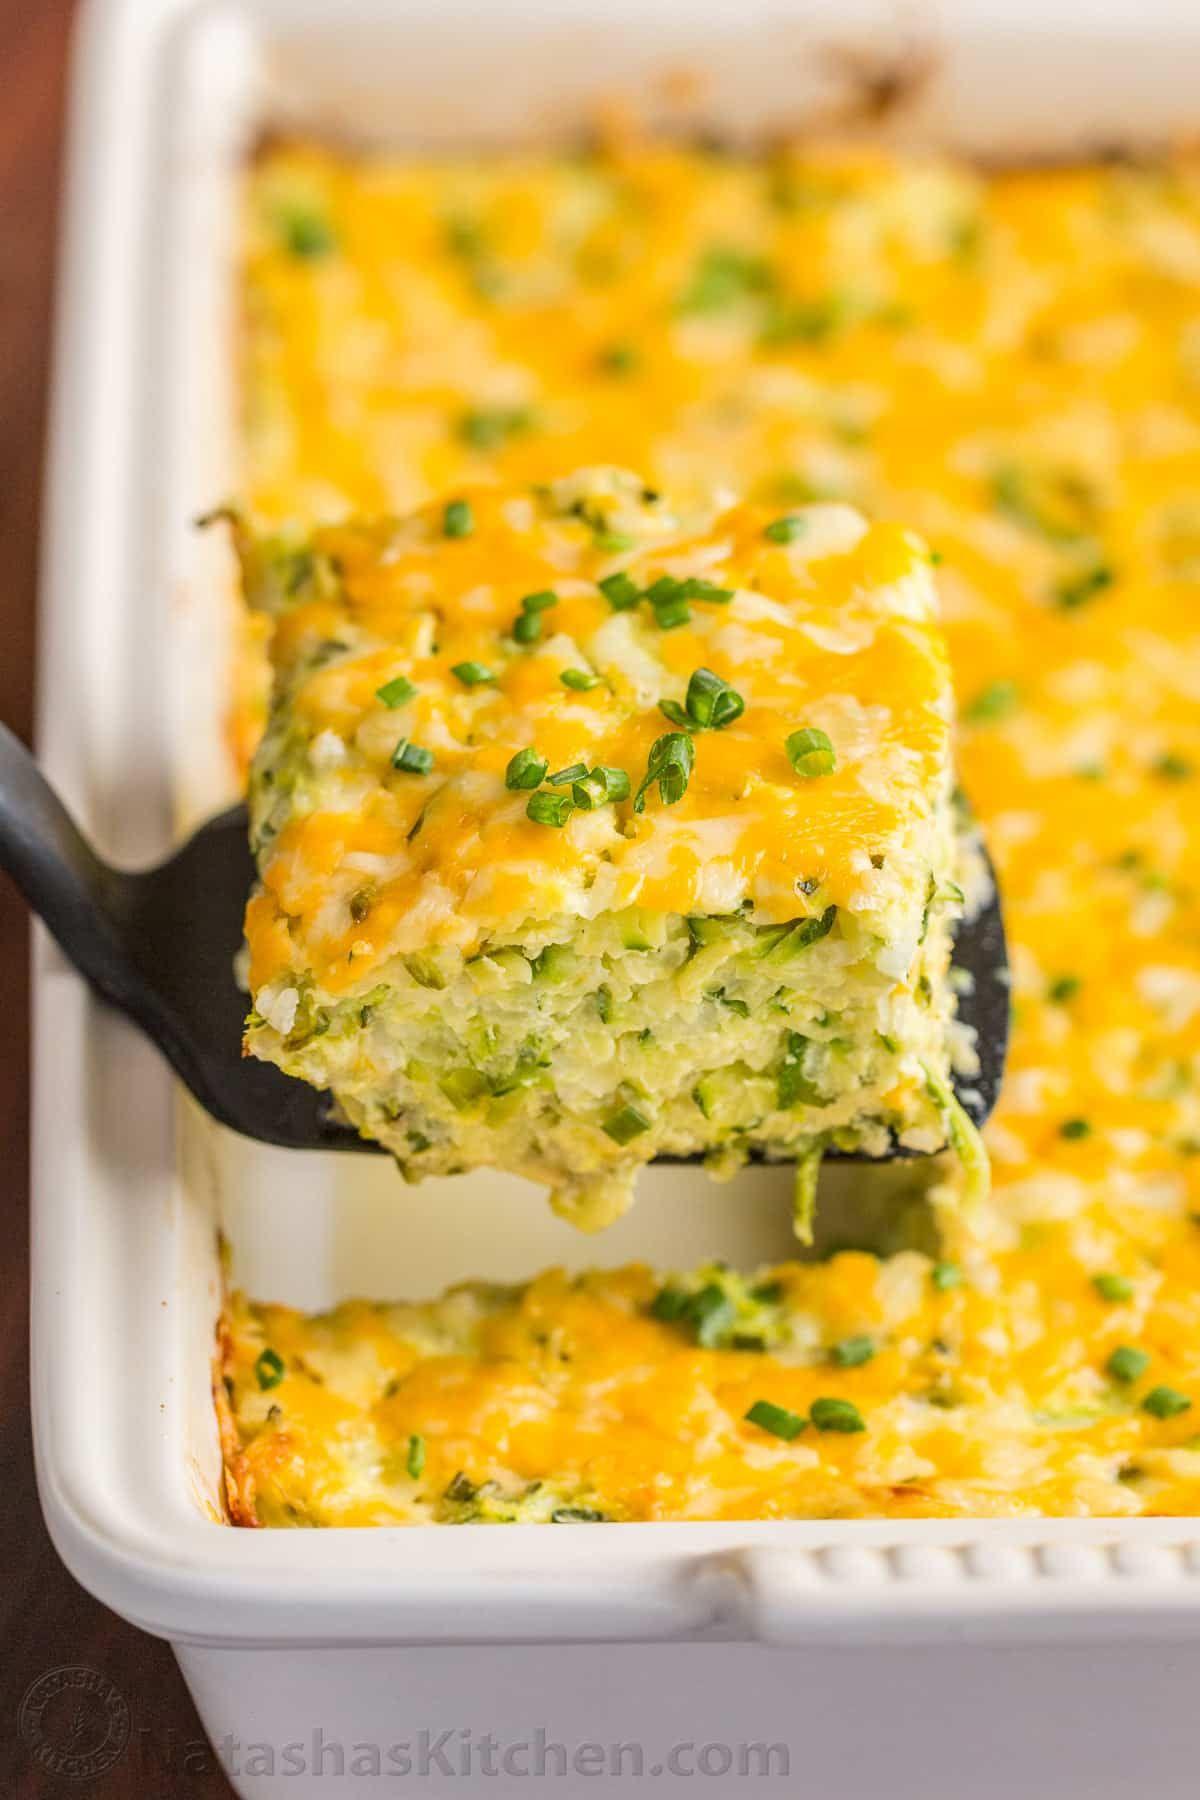 Cheesy Zucchini Casserole Recipe Zucchini Casserole Recipes